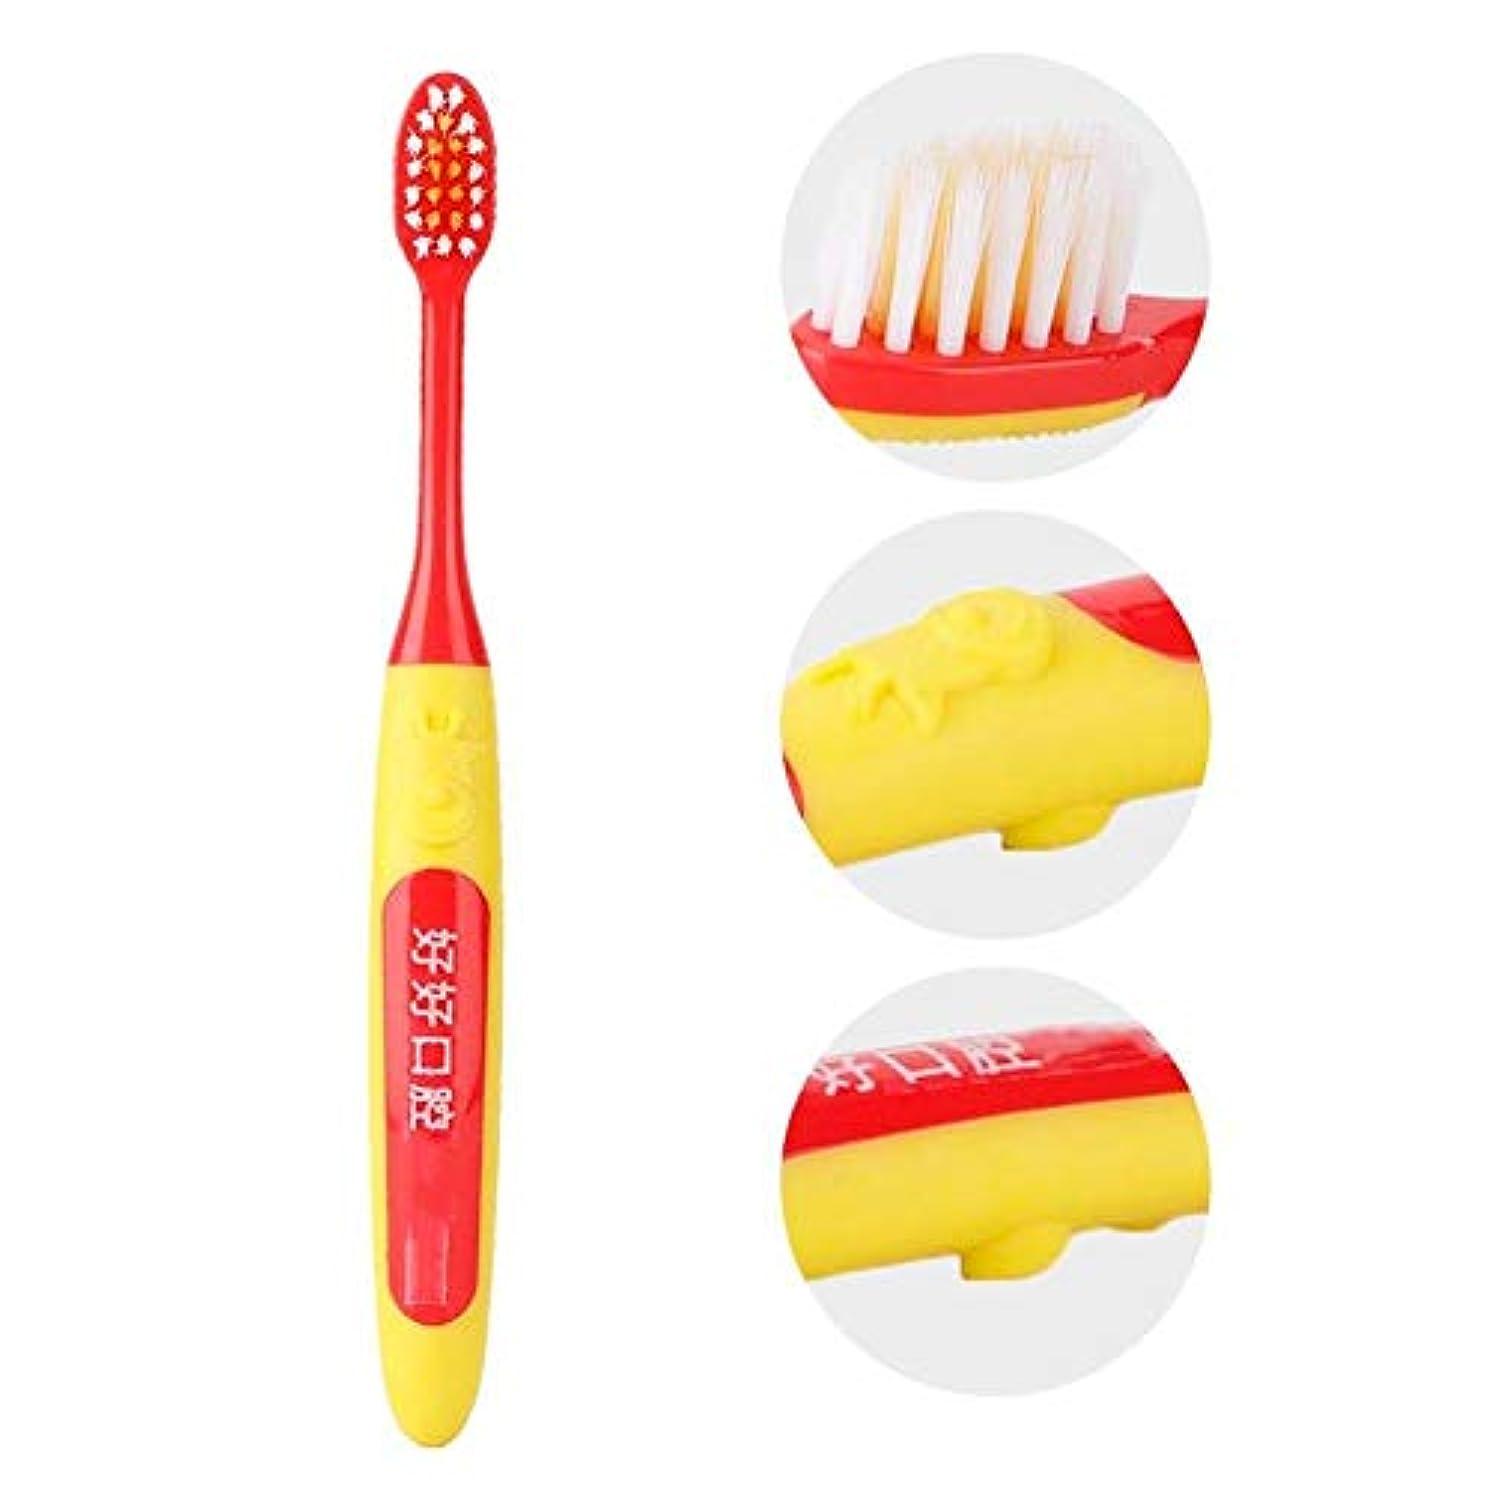 切り離す代名詞駅歯ブラシ子供の柔らかい髪の歯ブラシかわいい子供のクリーニング歯ブラシオーラルケアツール(黄色いハンドル)